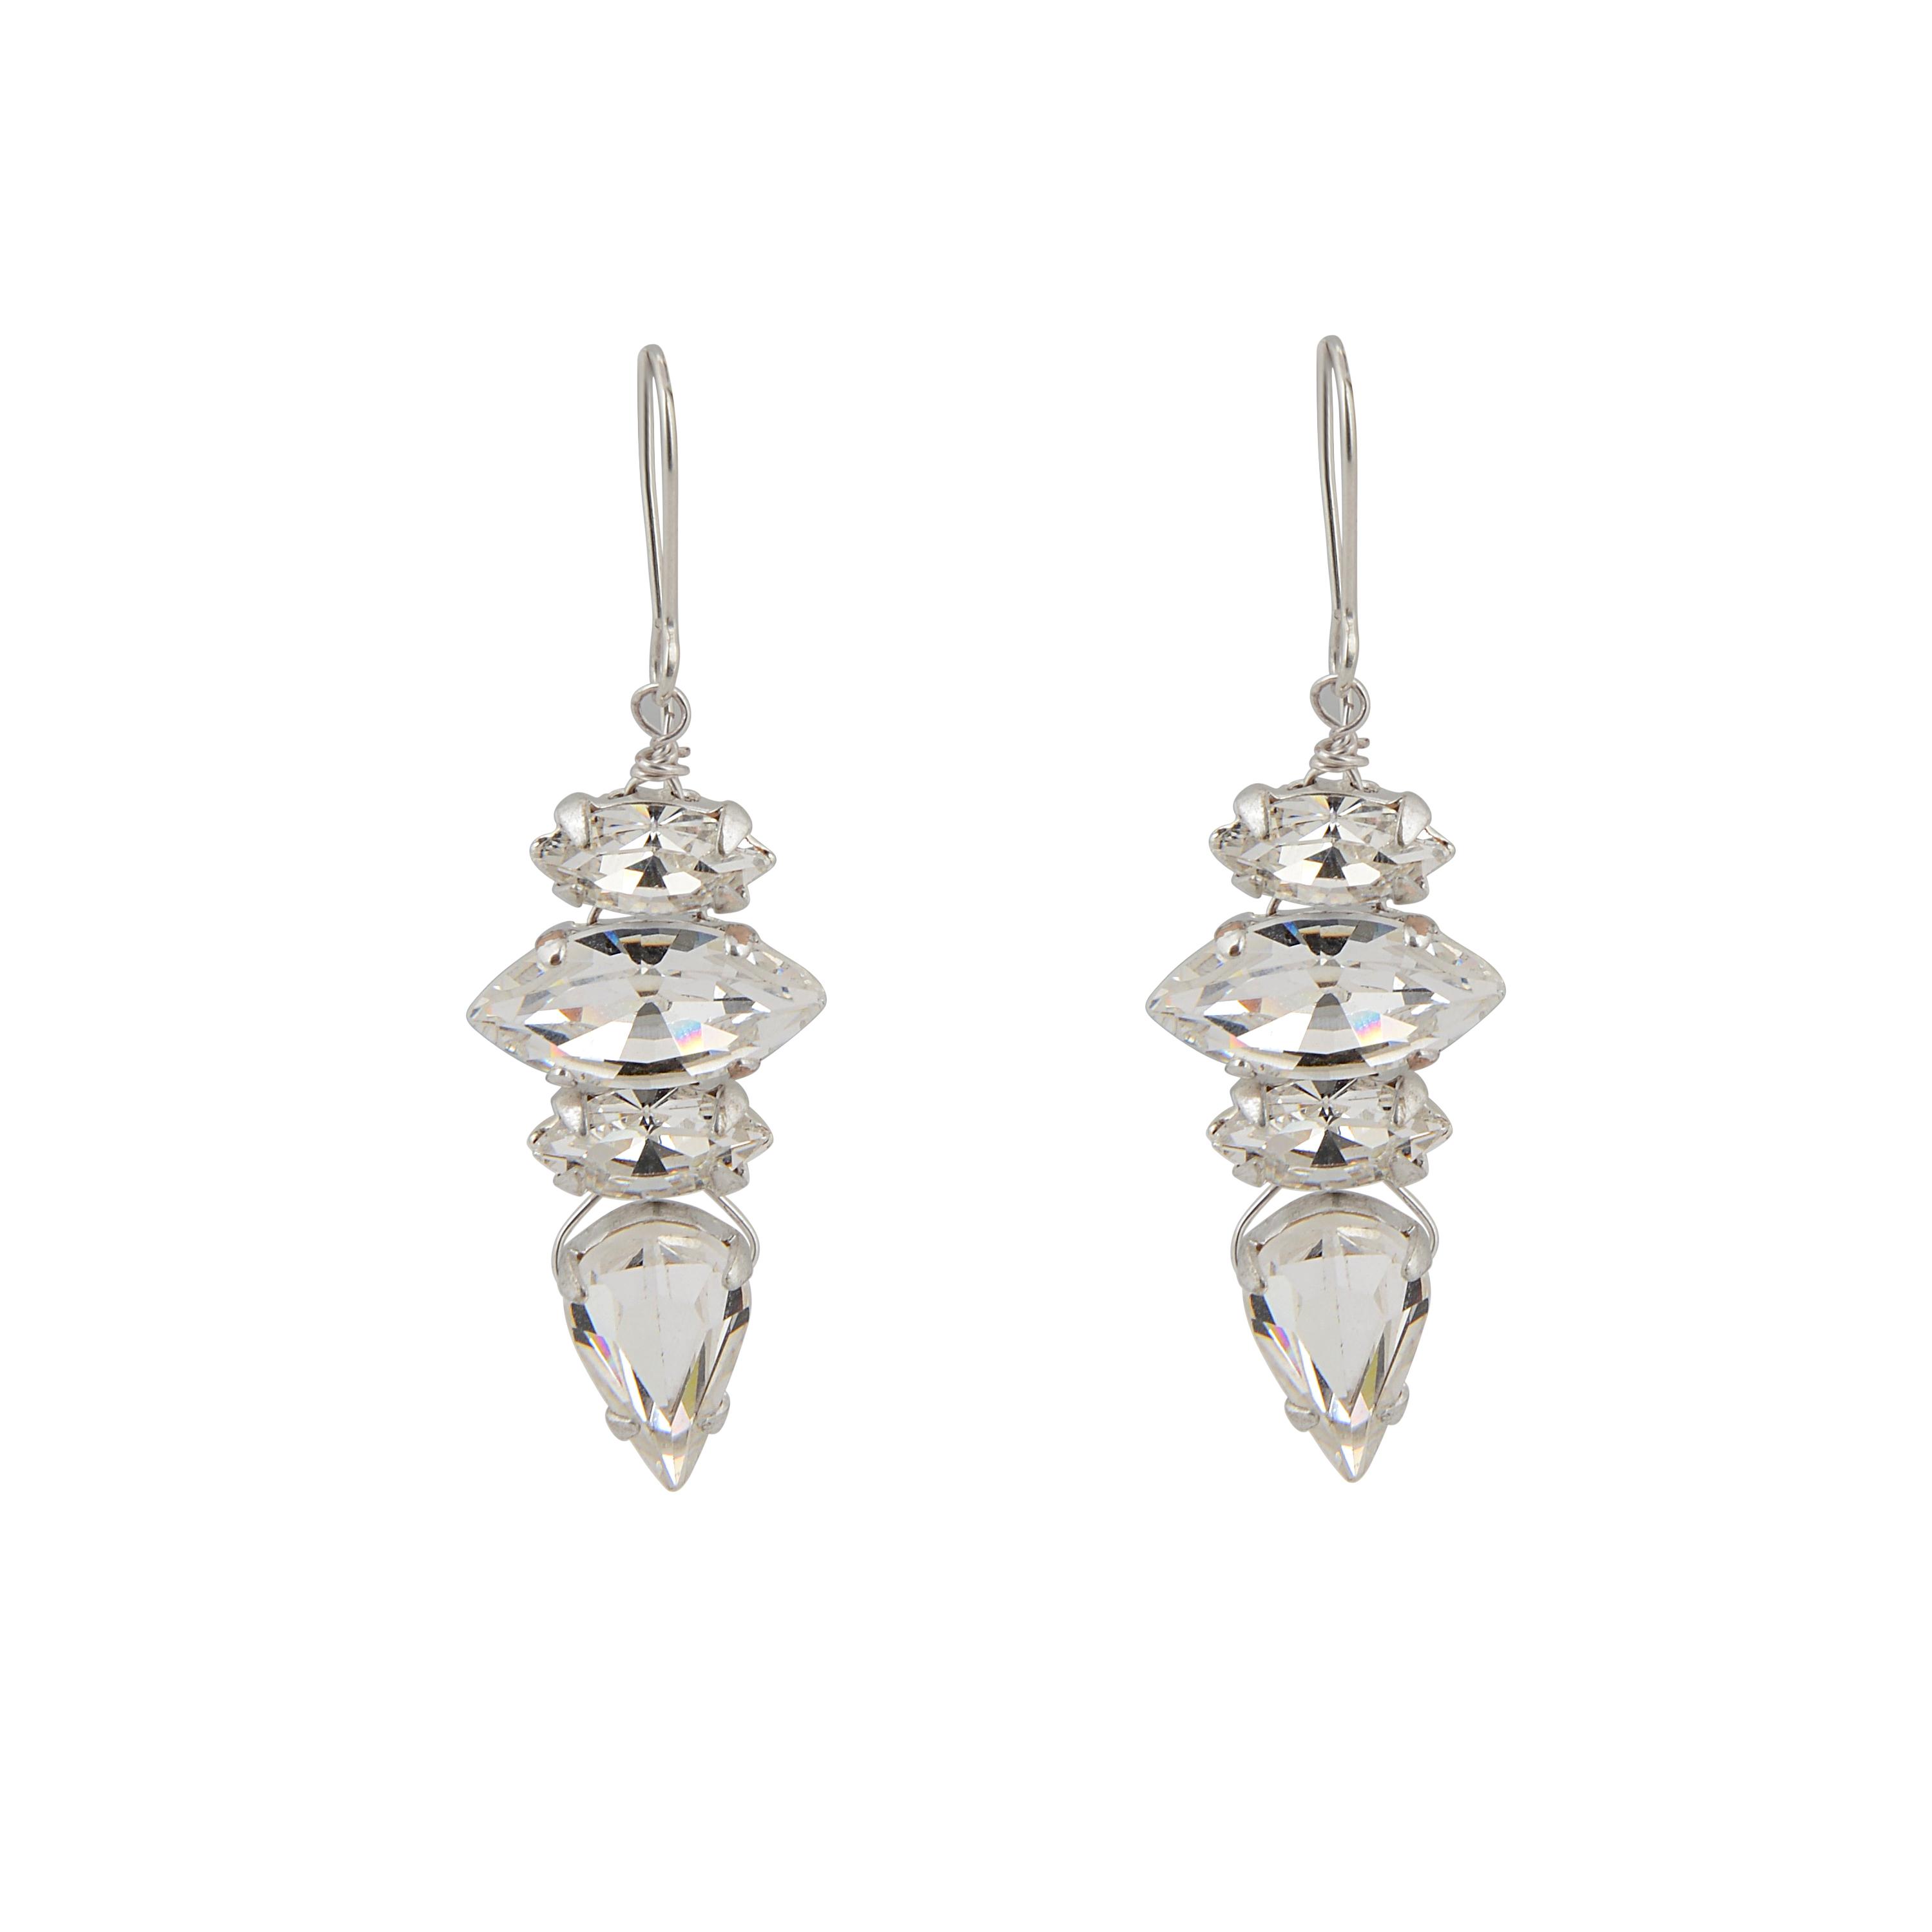 Hepburn Vintage Bridal Earrings